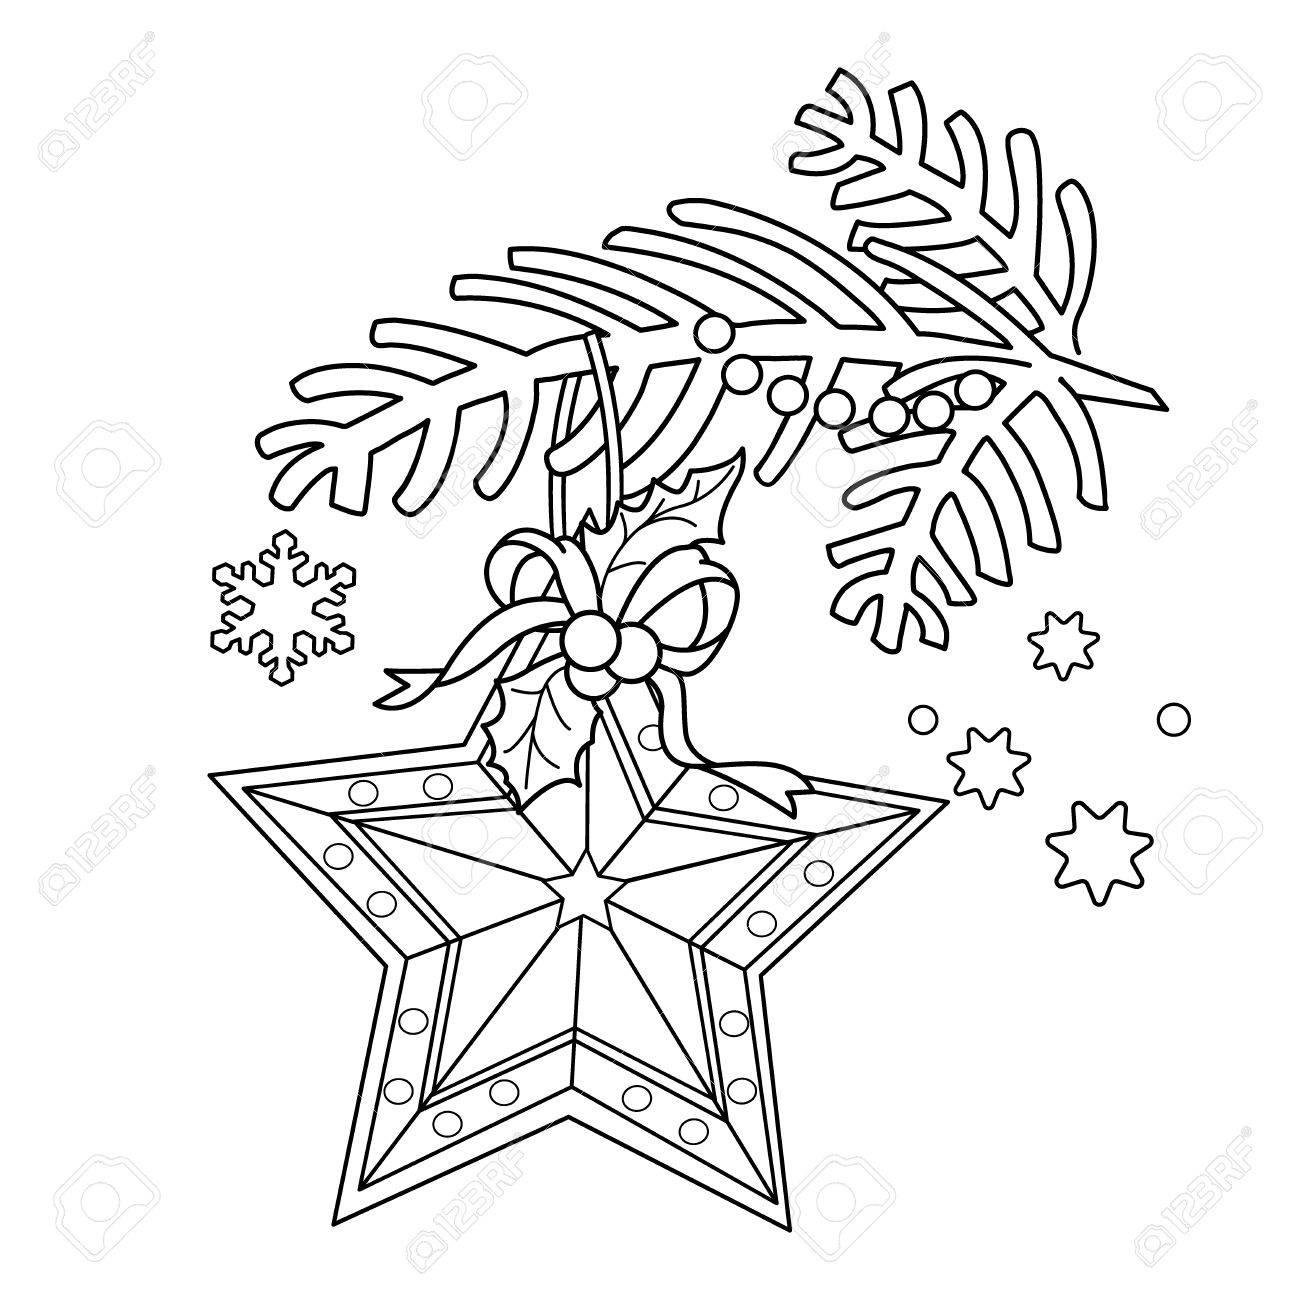 ぬりえページ概要のクリスマス装飾つ星クリスマスの木の枝新しい年